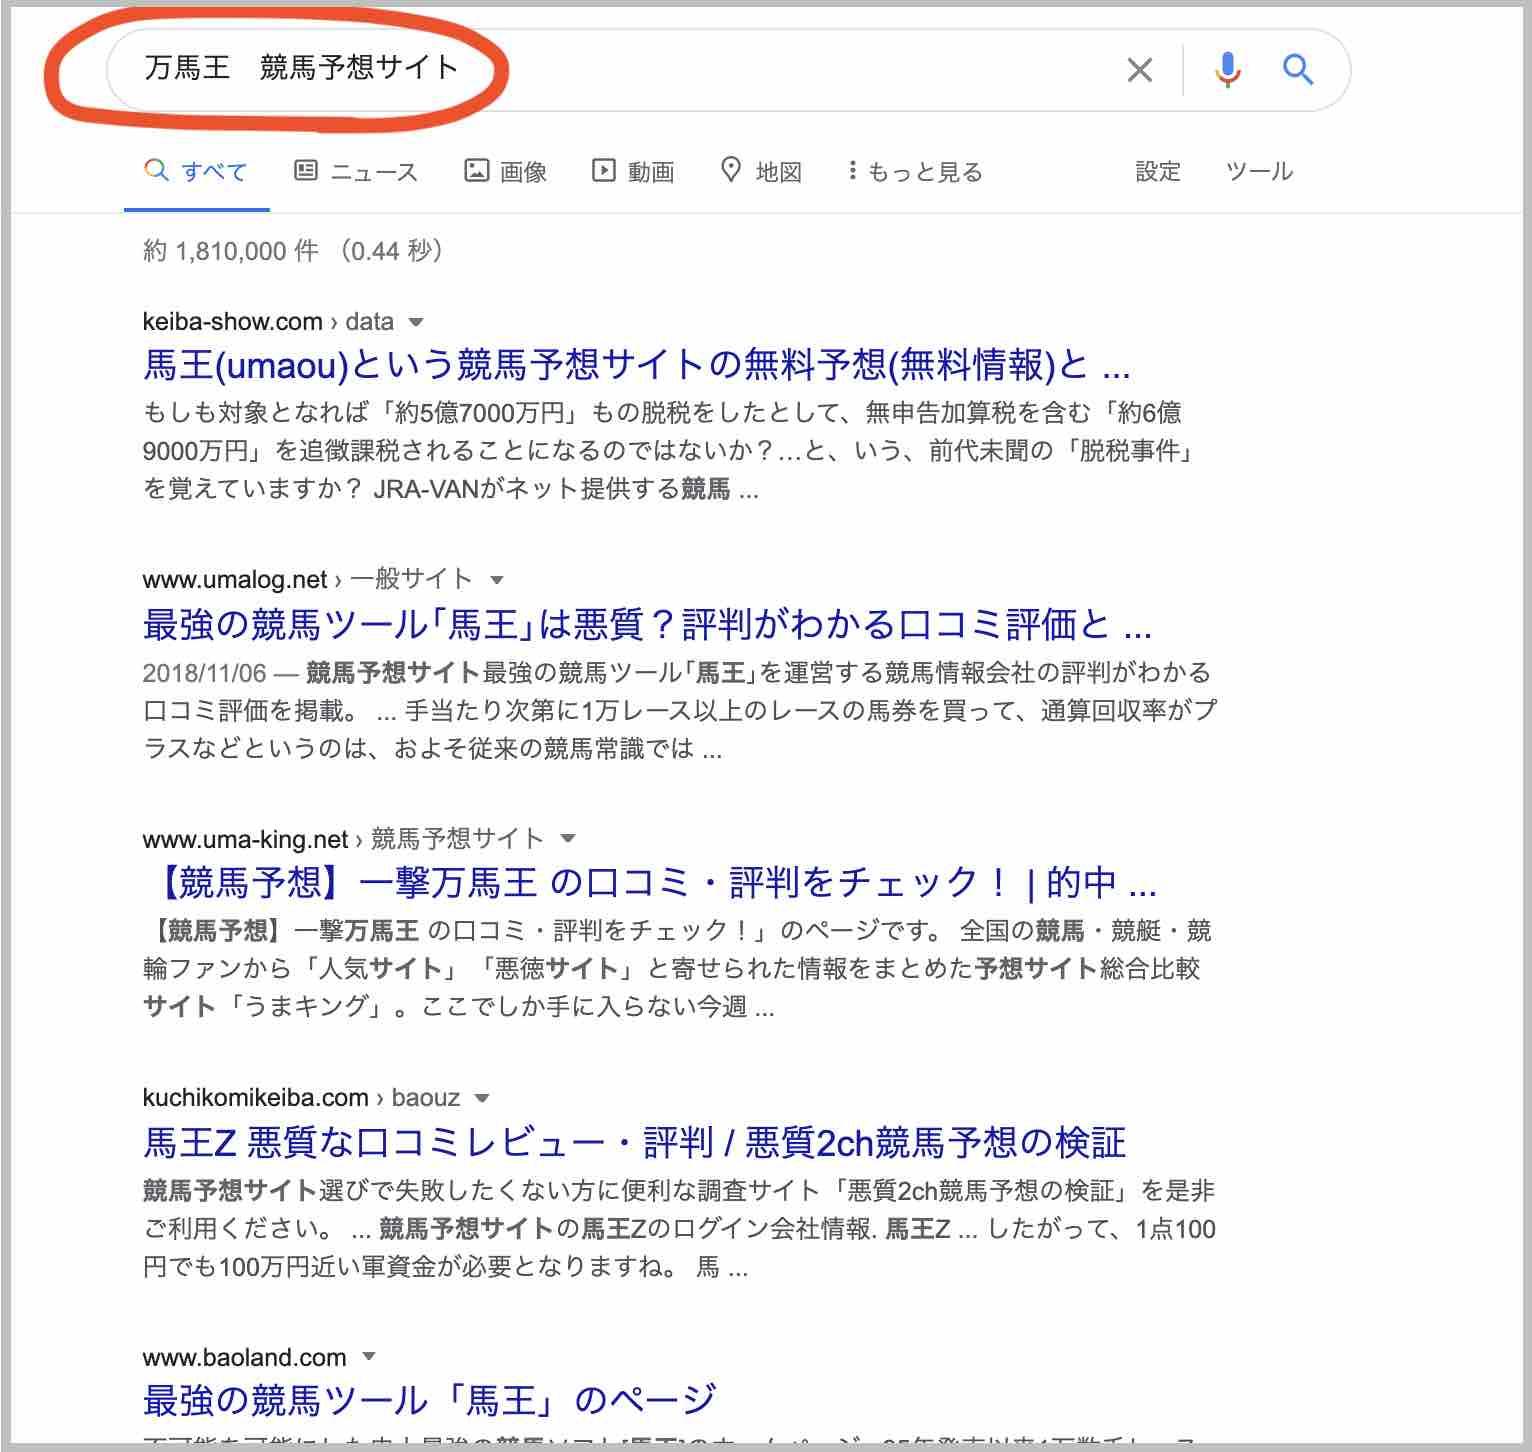 万馬王という競馬予想サイトを情報検索